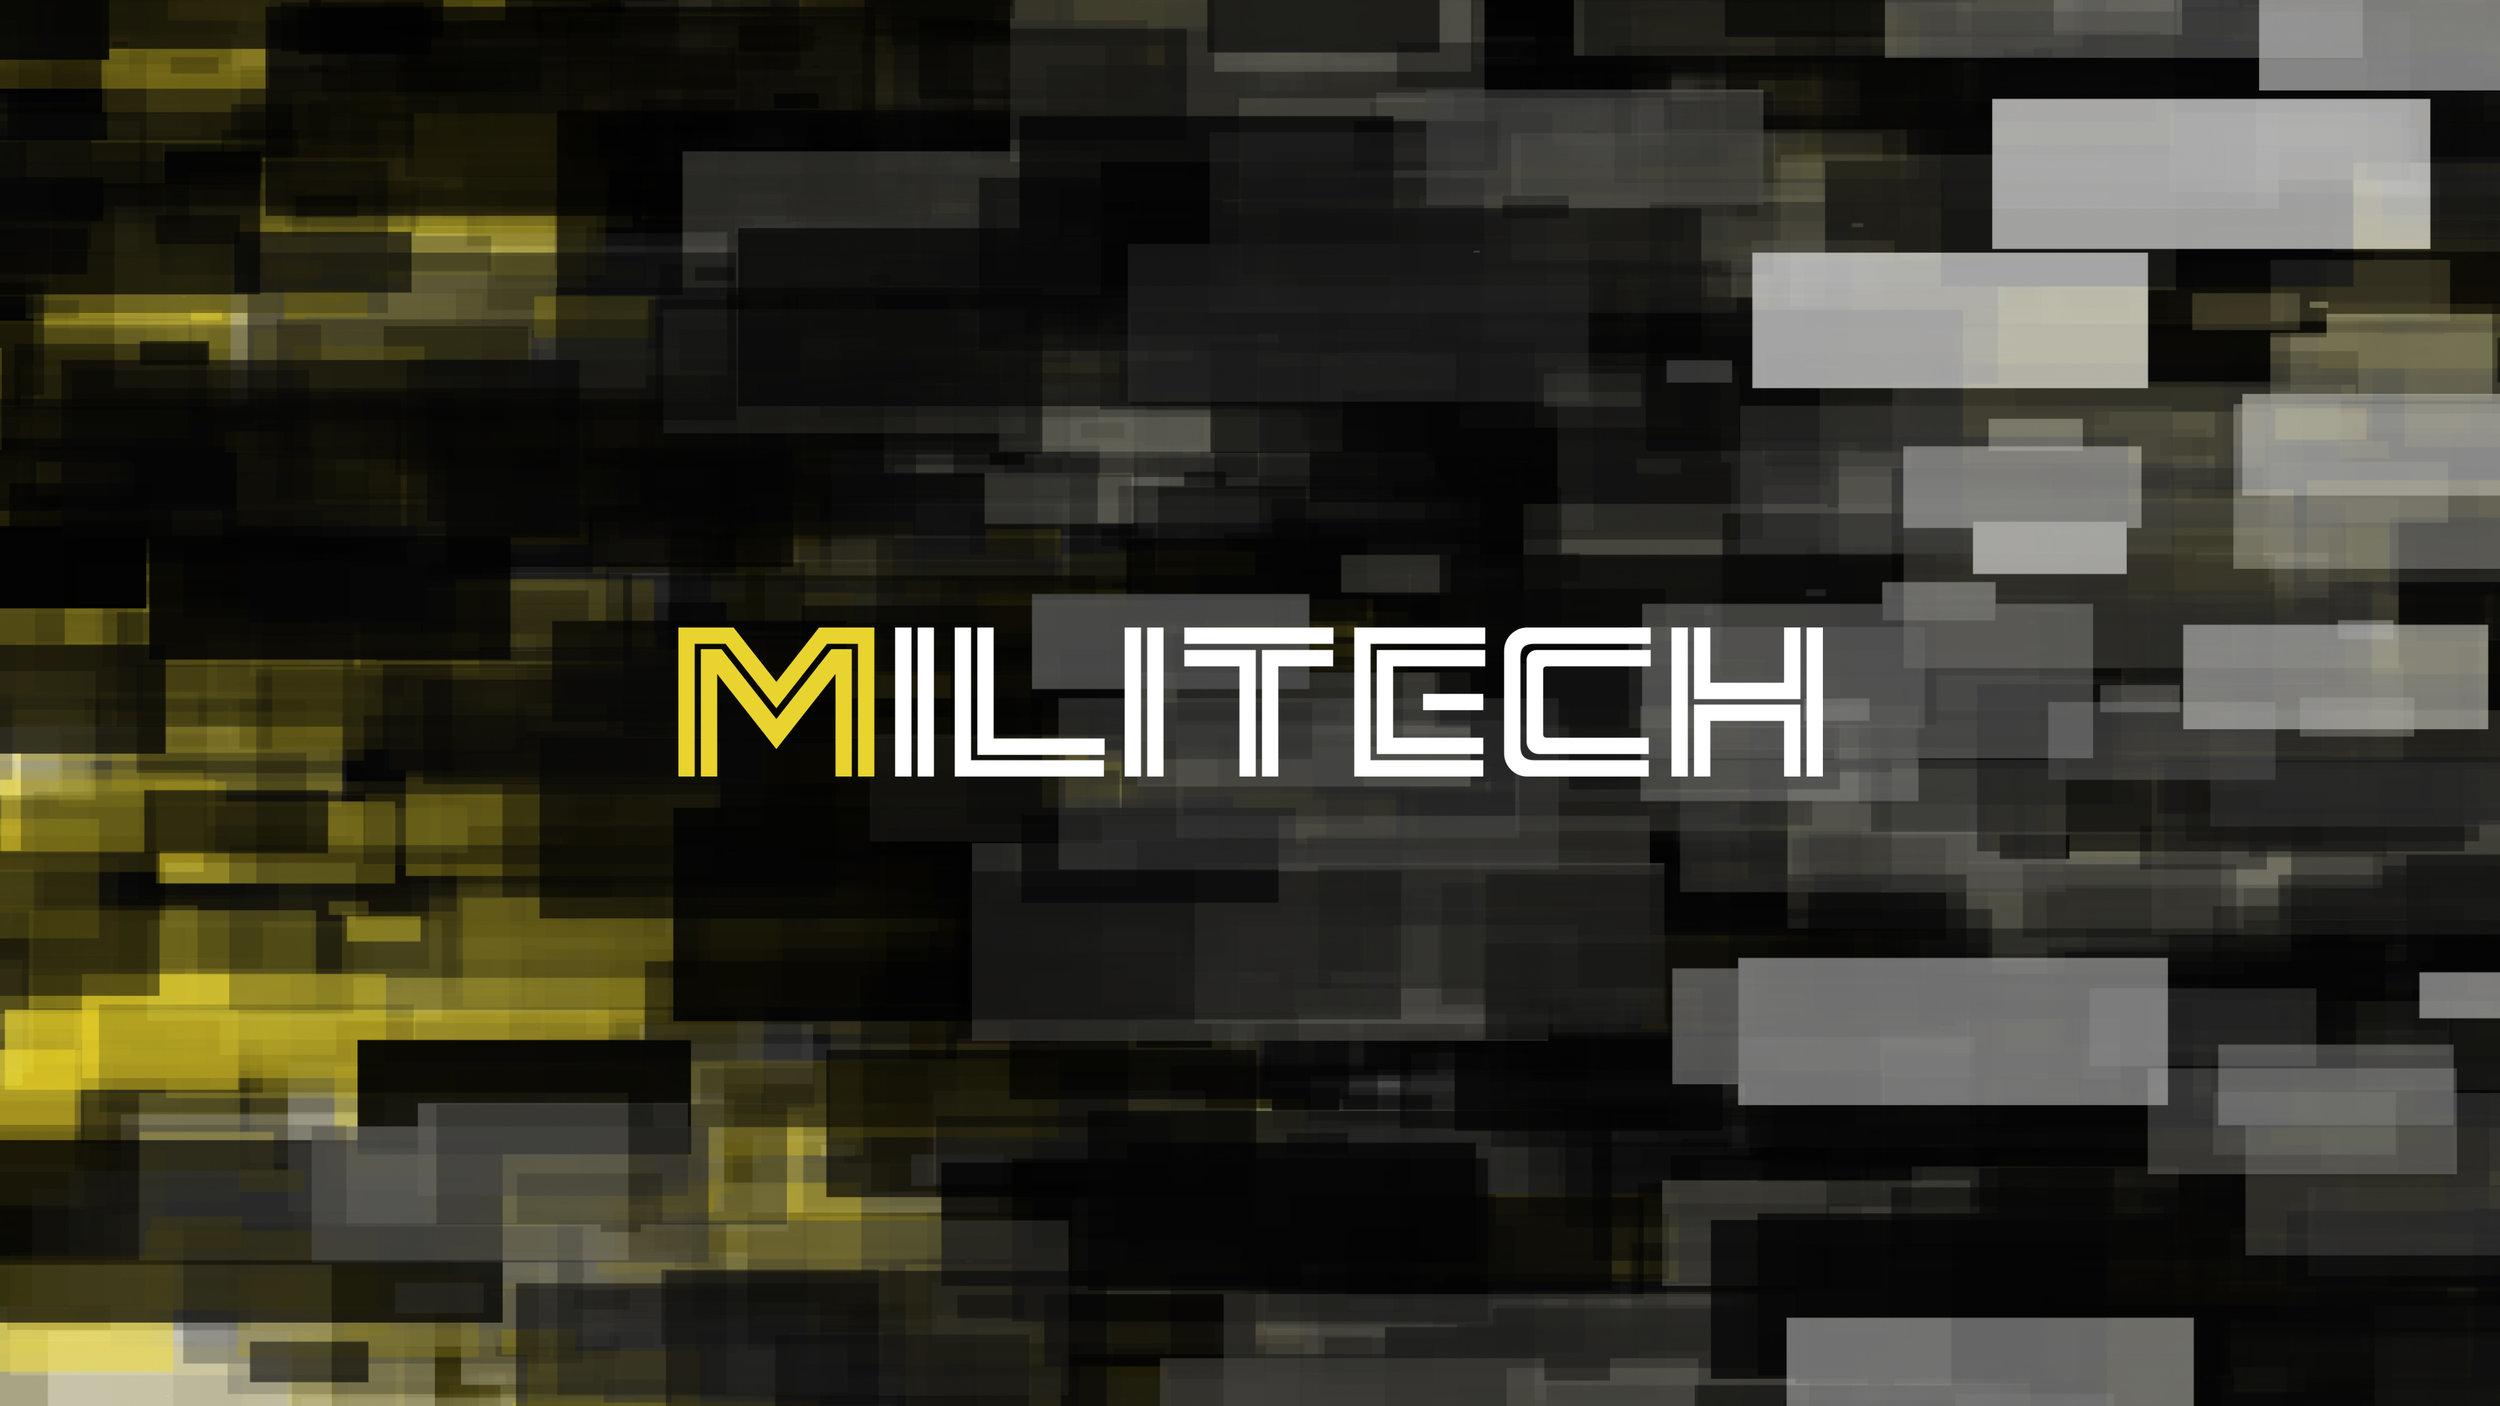 Militech 4K Wallpaper